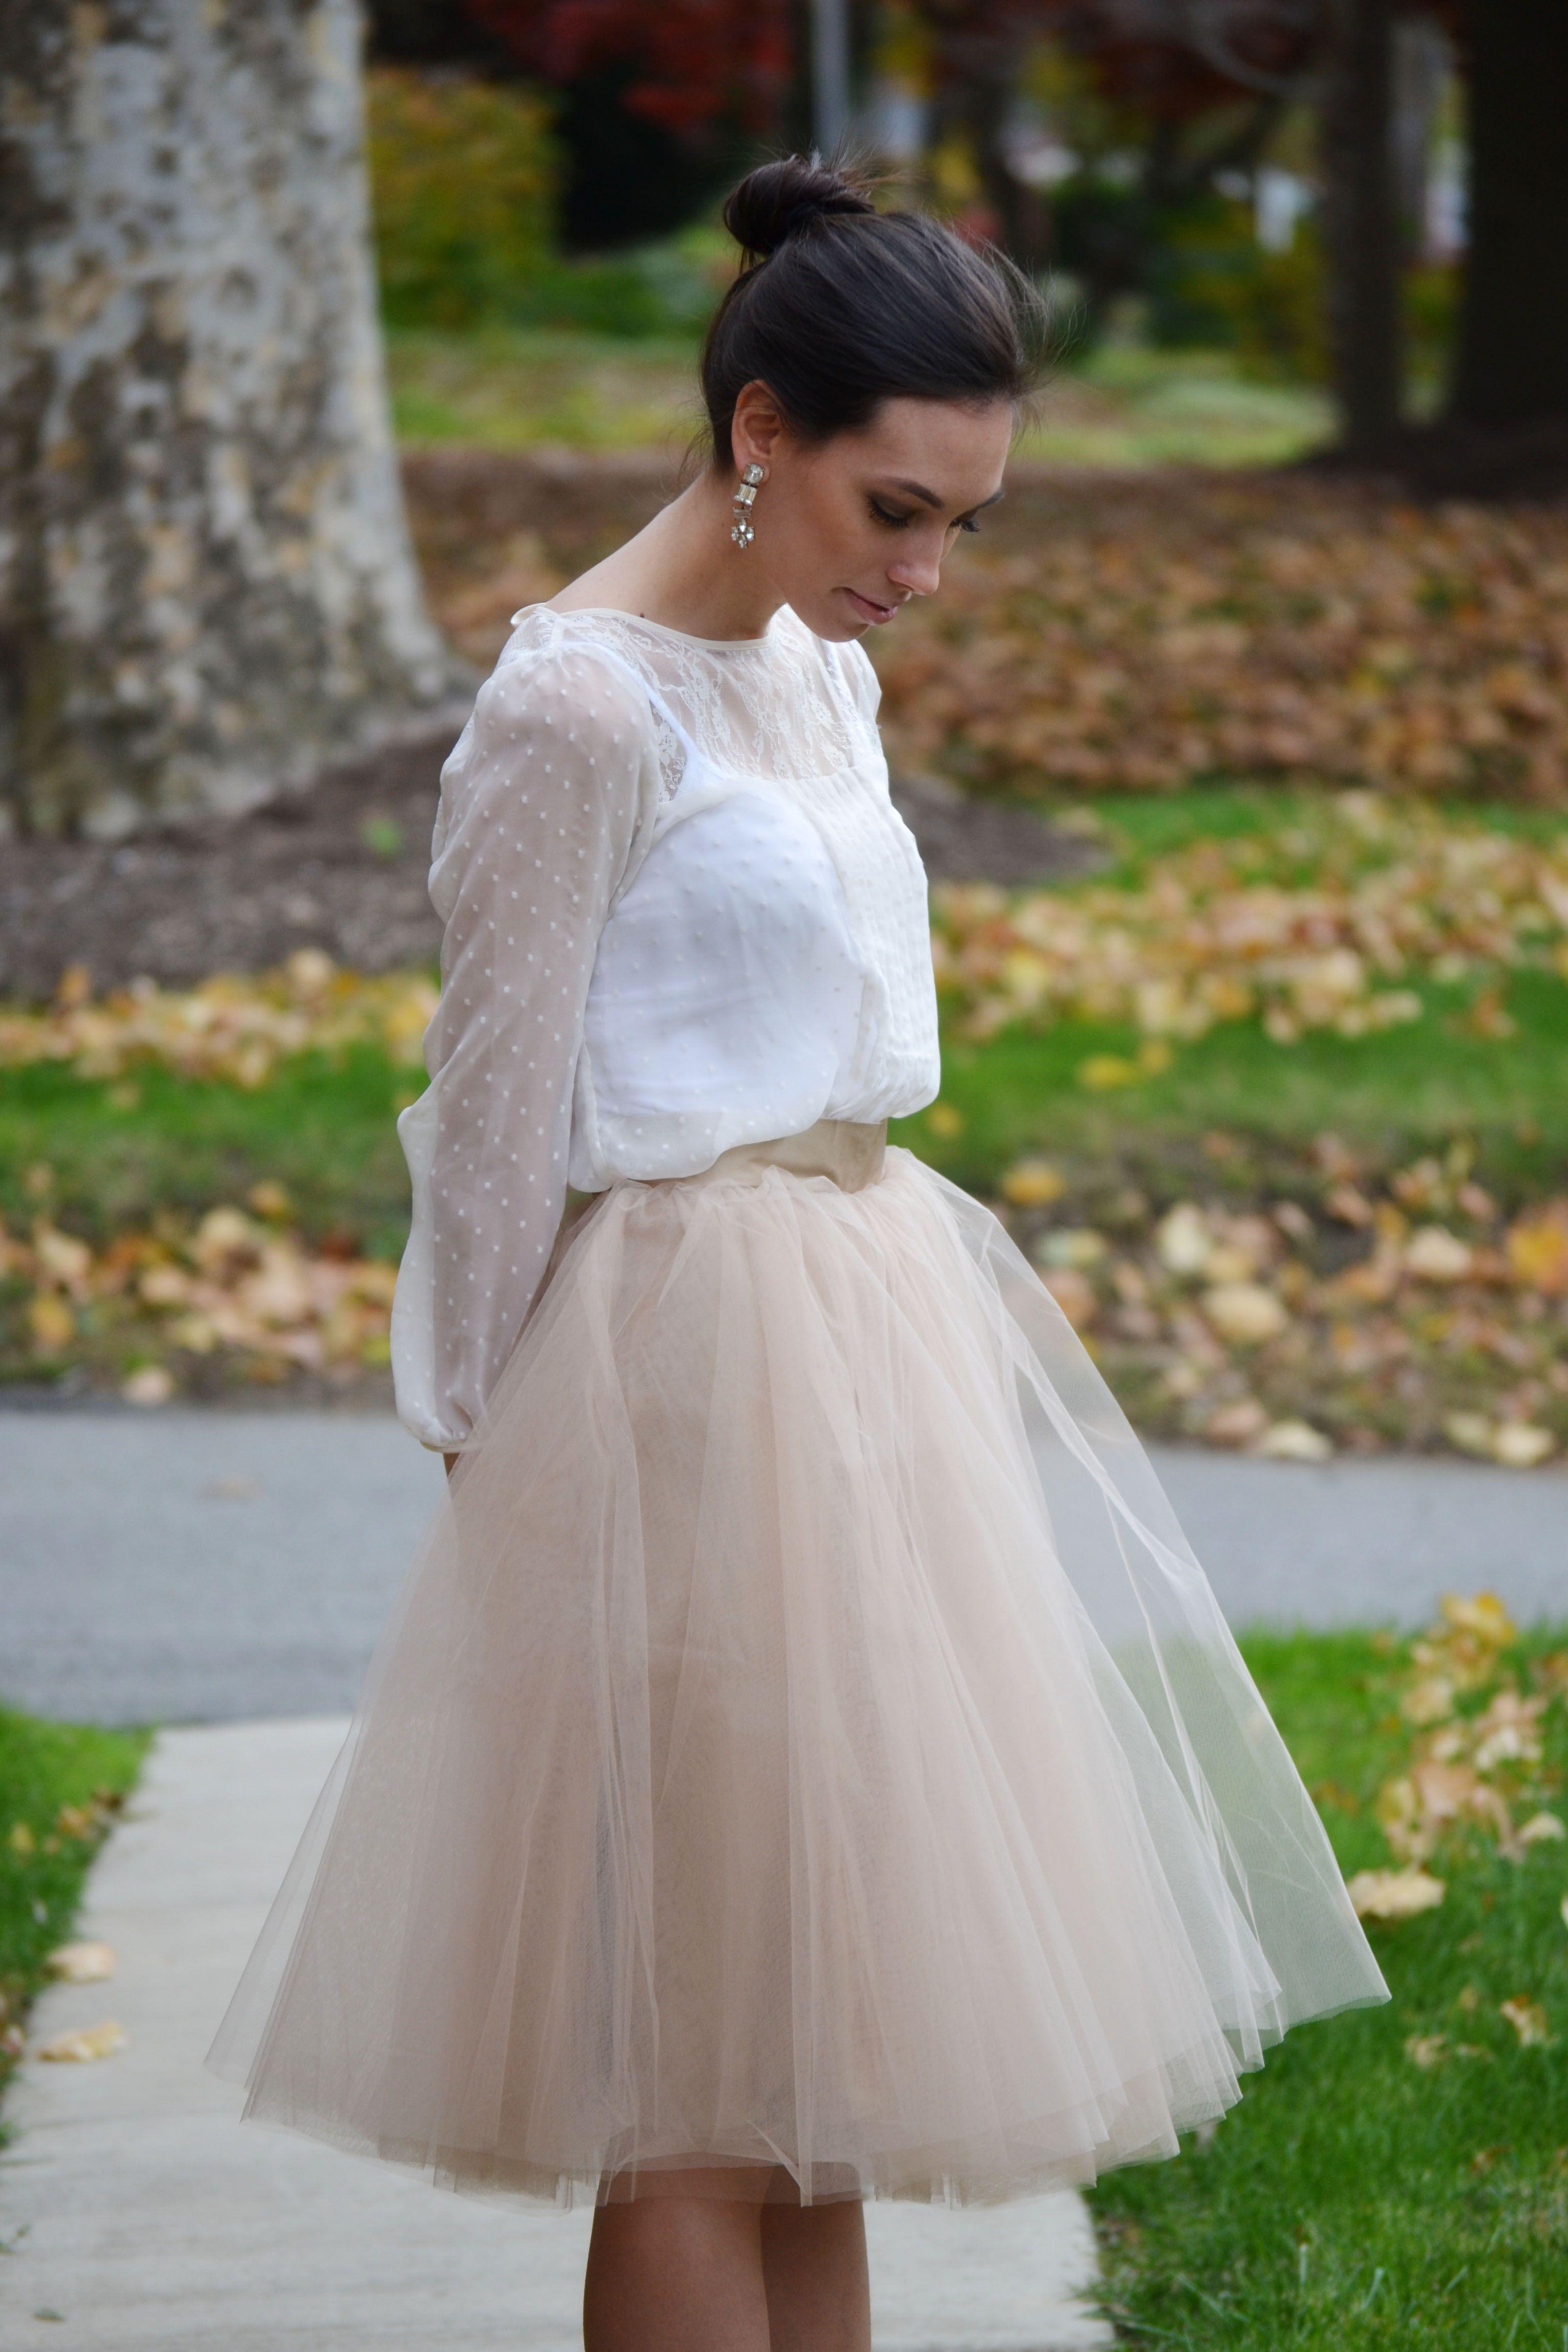 Three Ways To Style The Leighton Tulle Skirt Tulle Skirts Outfit Tulle Skirt Fashion [ 4608 x 3072 Pixel ]